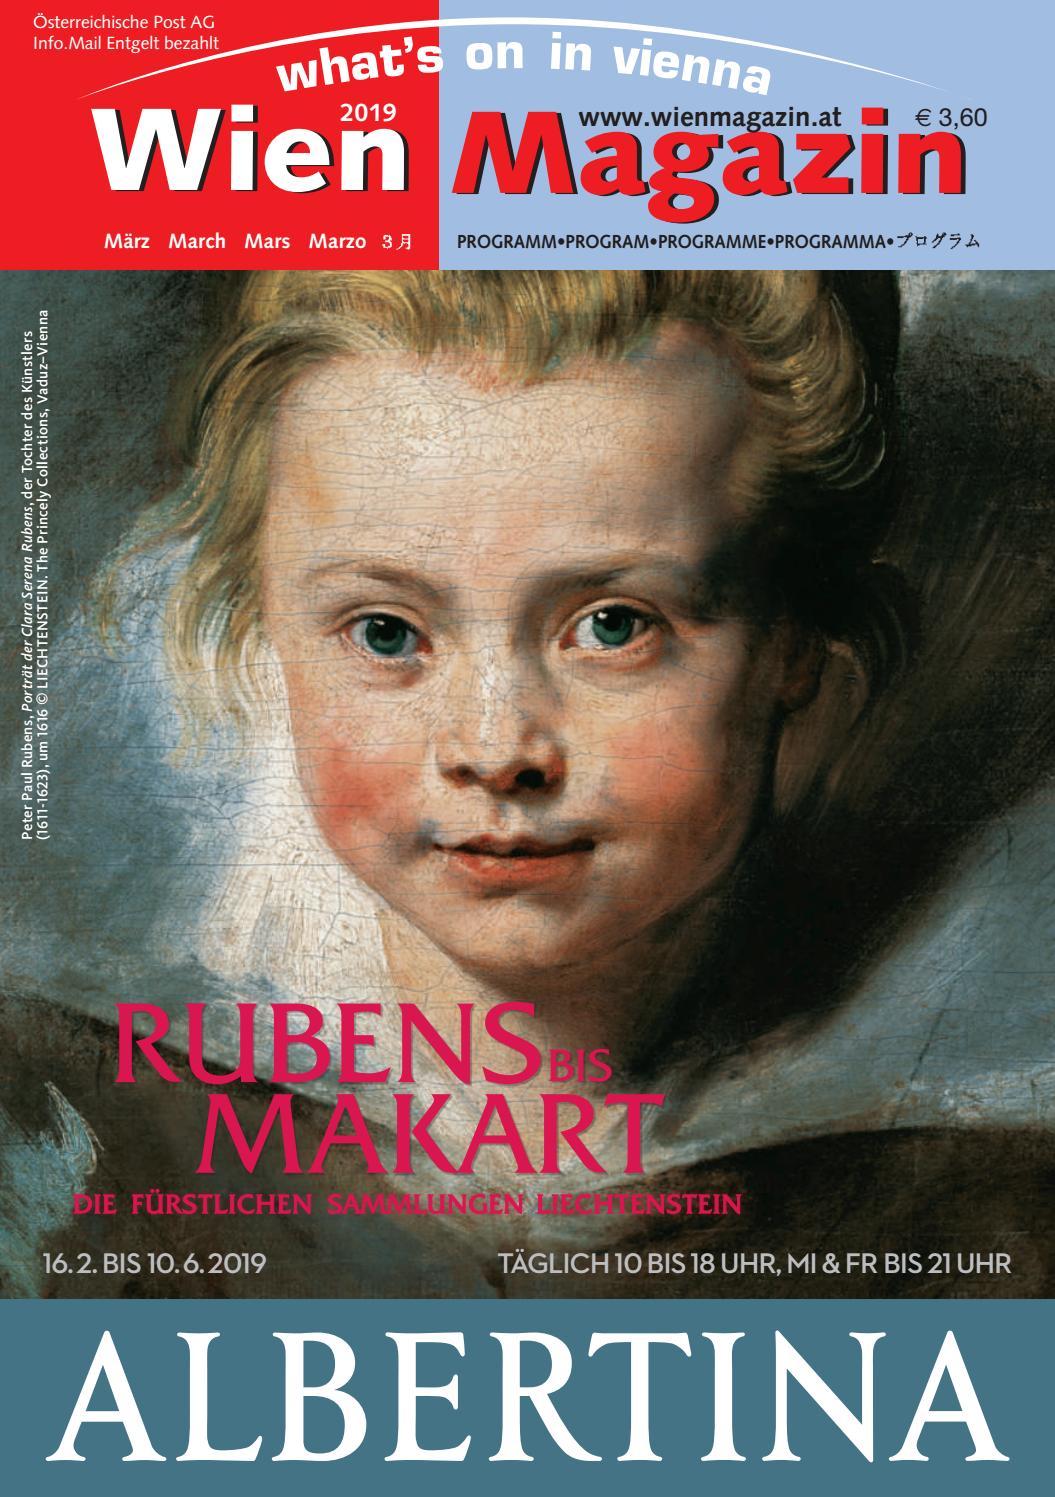 Wien Magazin 03 2019 By Waltraud Edelmayer